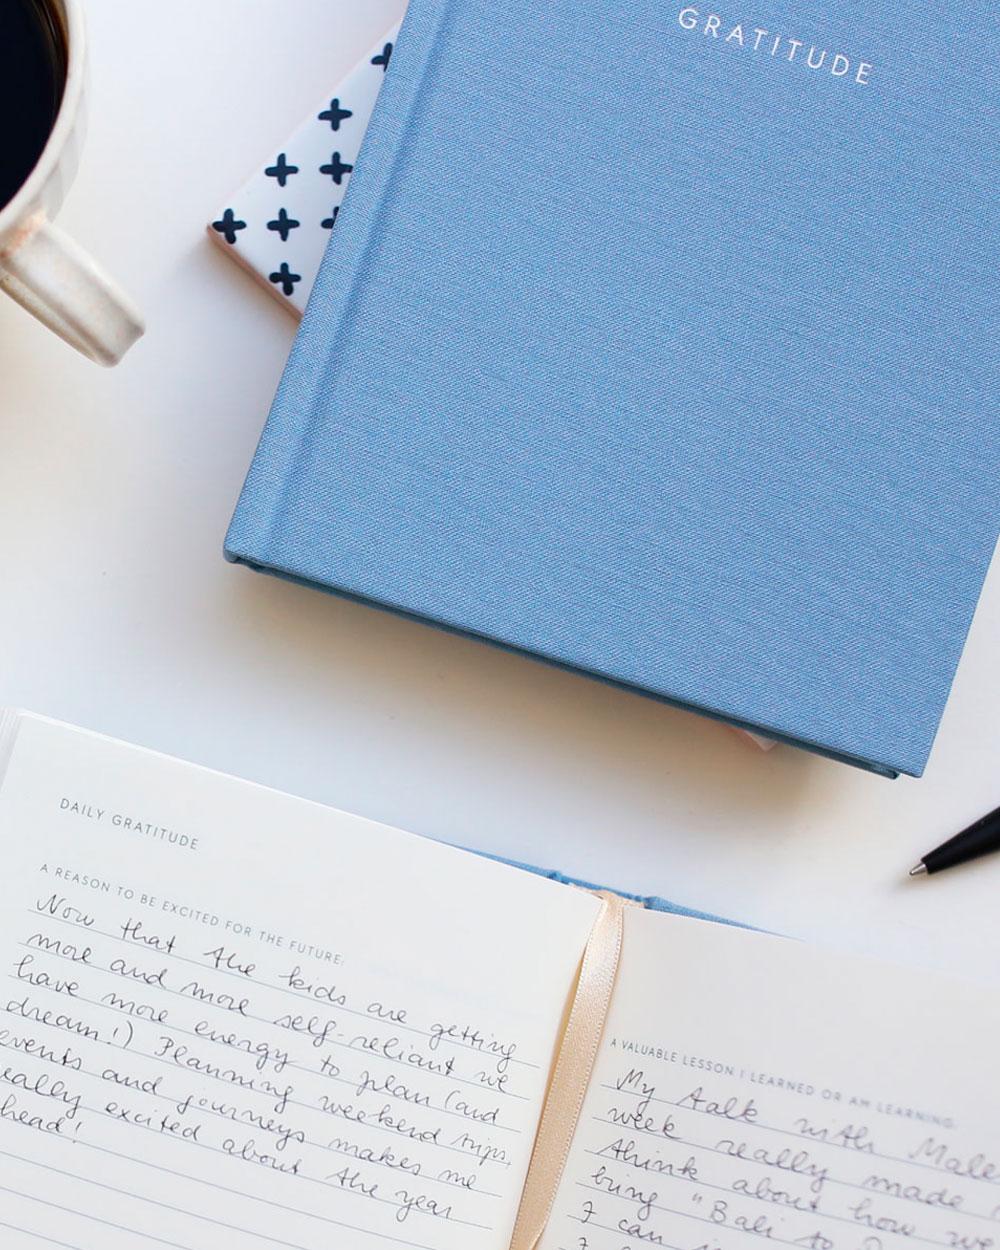 Gratitude kiitosllisuuspäiväkirjan lähikuva